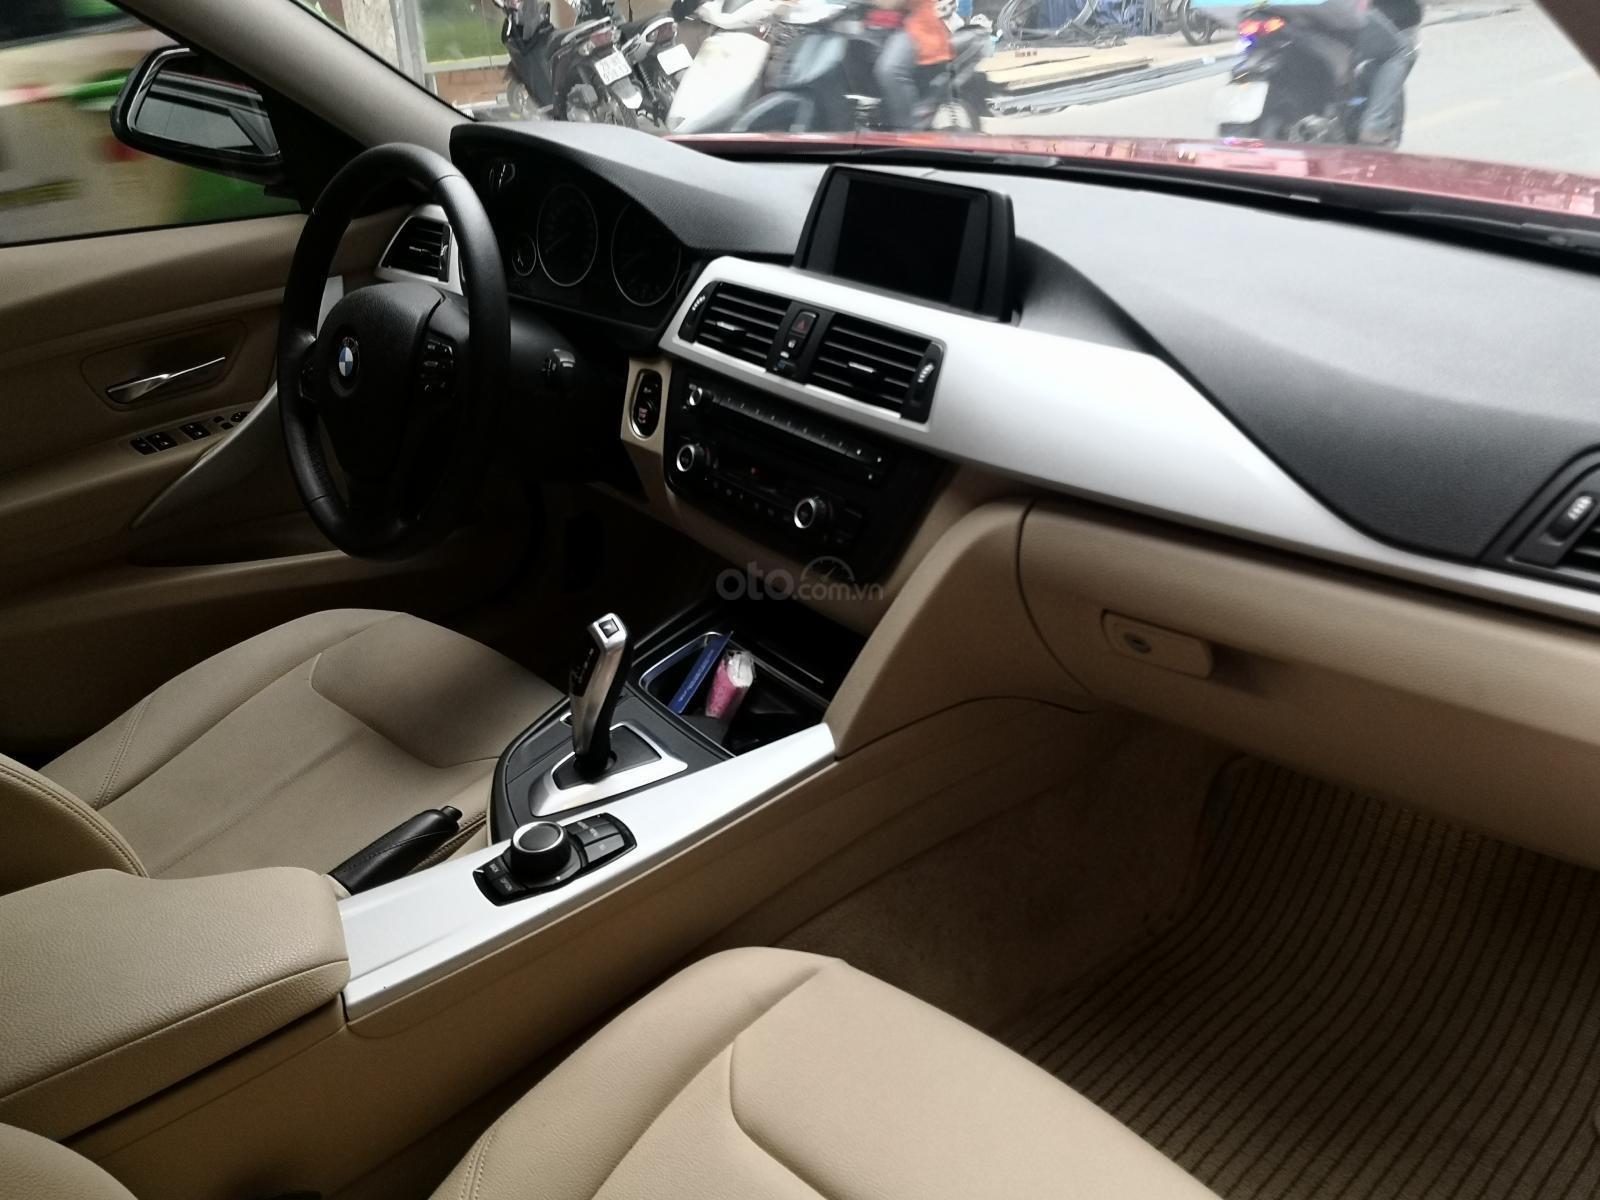 Cần bán xe BMW 320i sản xuất 2012 màu đỏ (5)